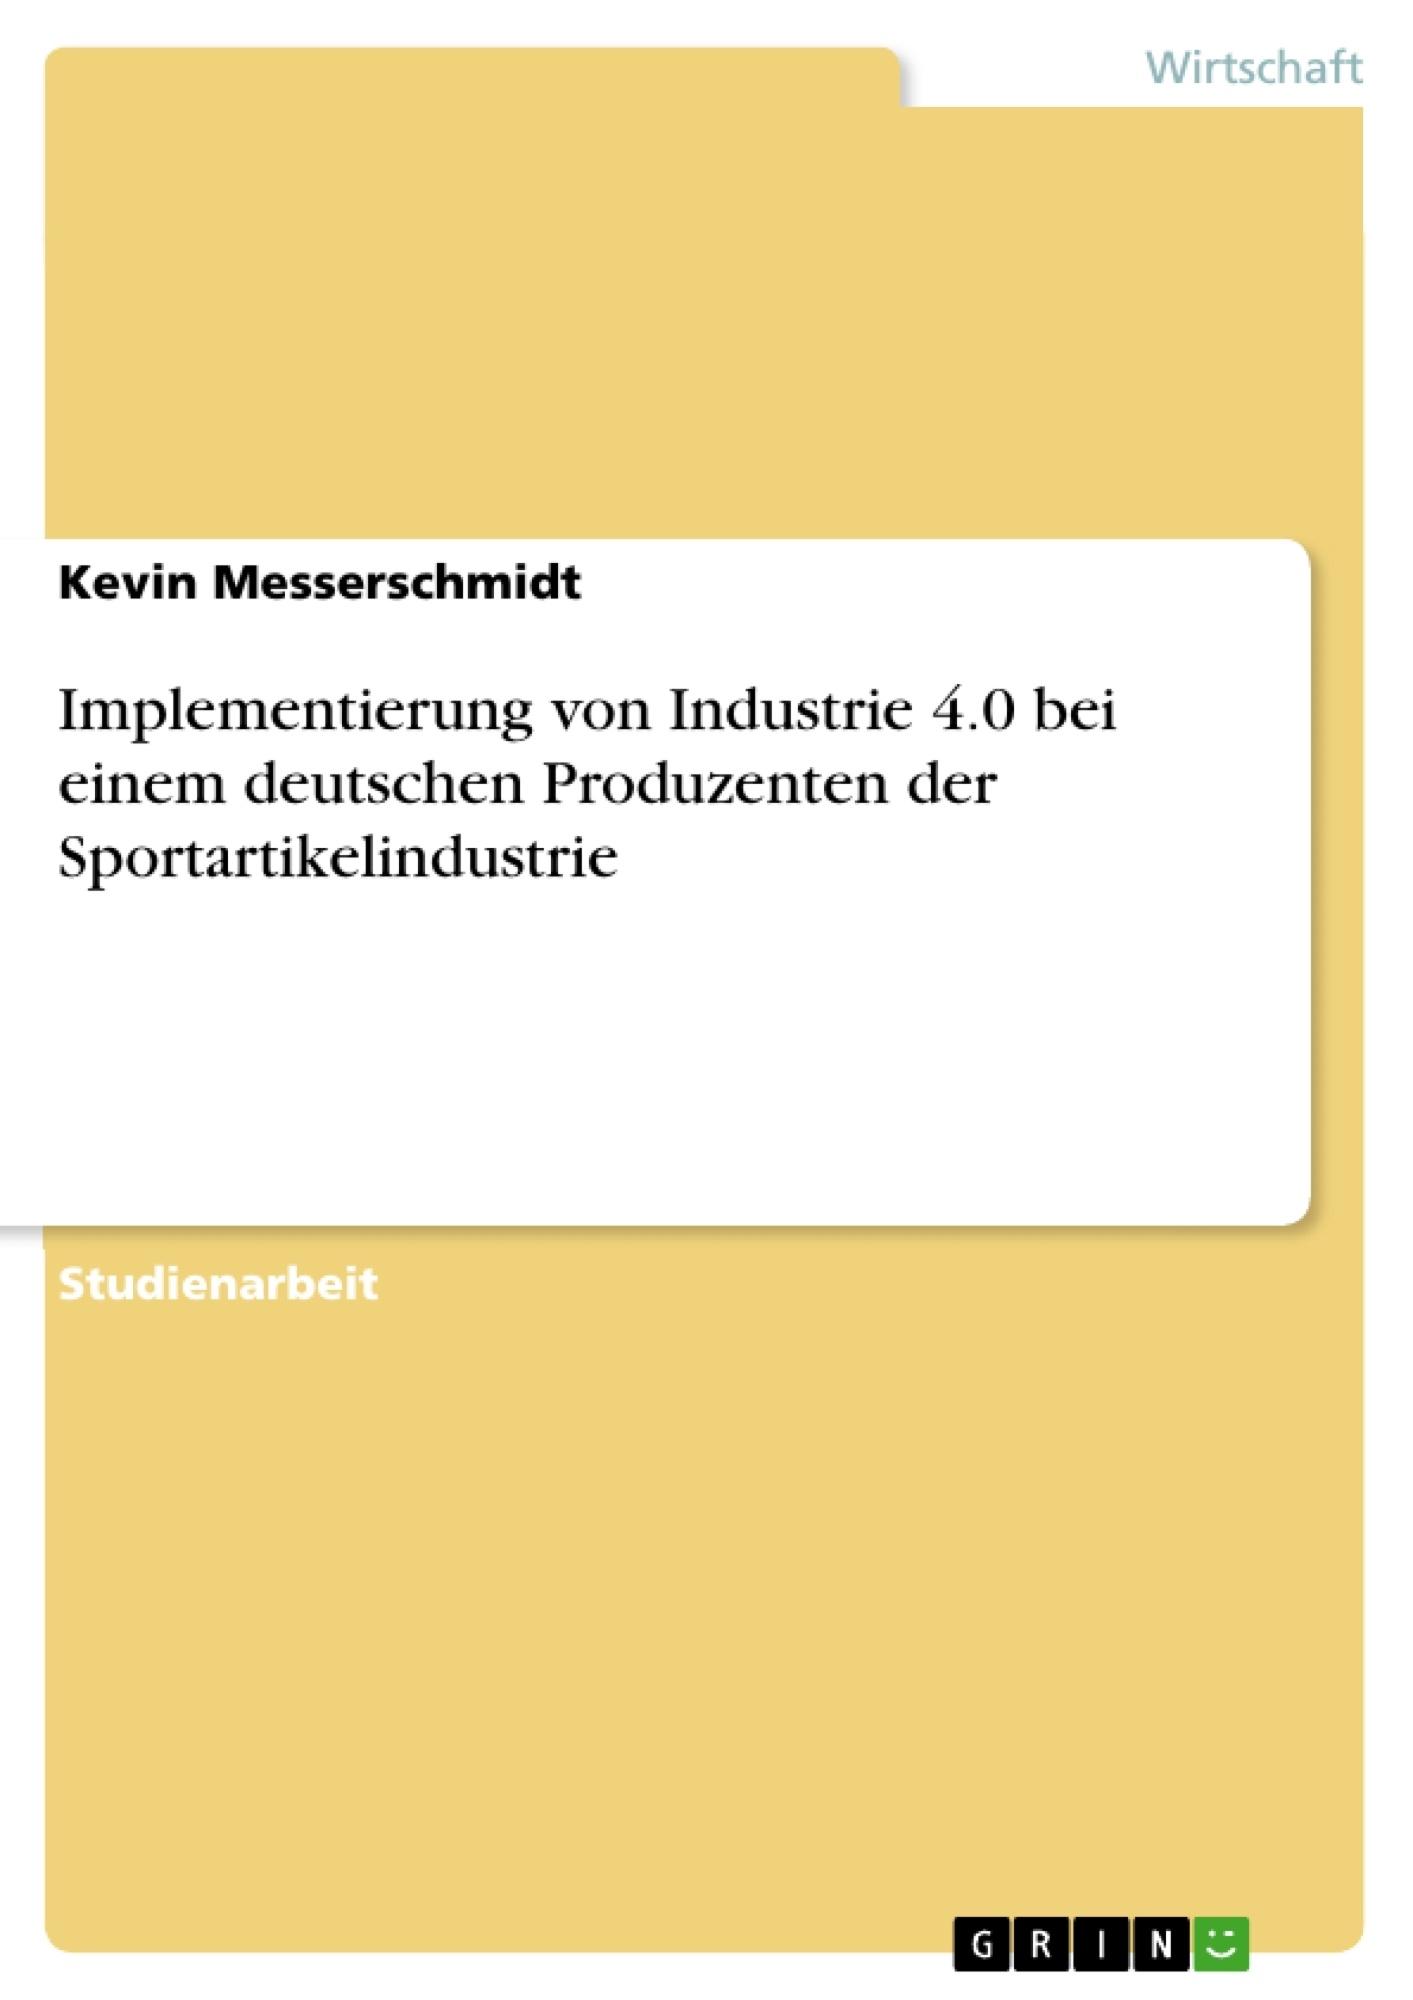 Titel: Implementierung von Industrie 4.0 bei einem deutschen Produzenten der Sportartikelindustrie